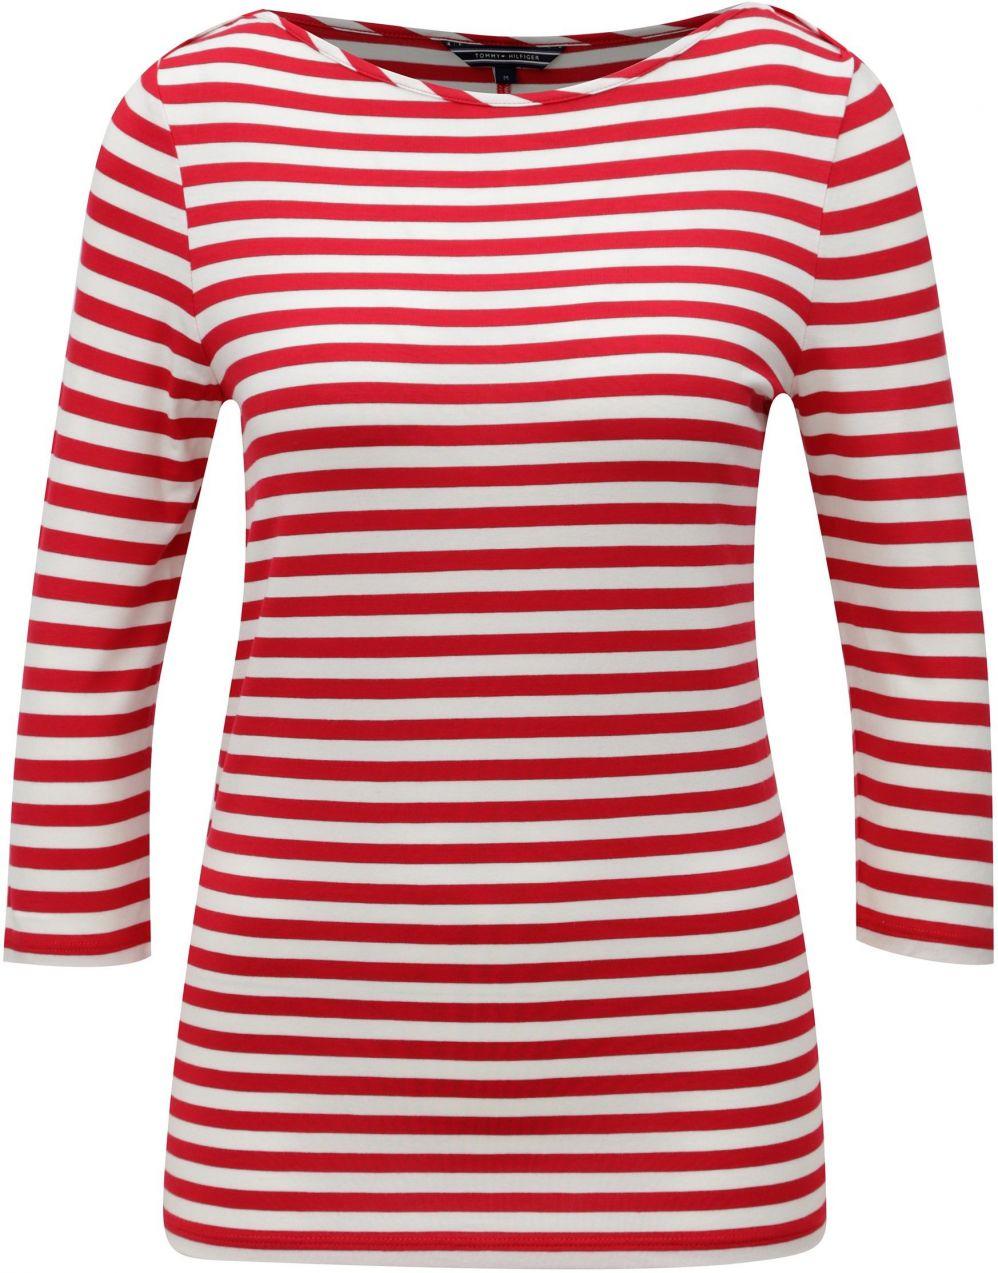 4de477b577 Bielo-červené dámske pruhované tričko Tommy Hilfiger značky Tommy Hilfiger  - Lovely.sk